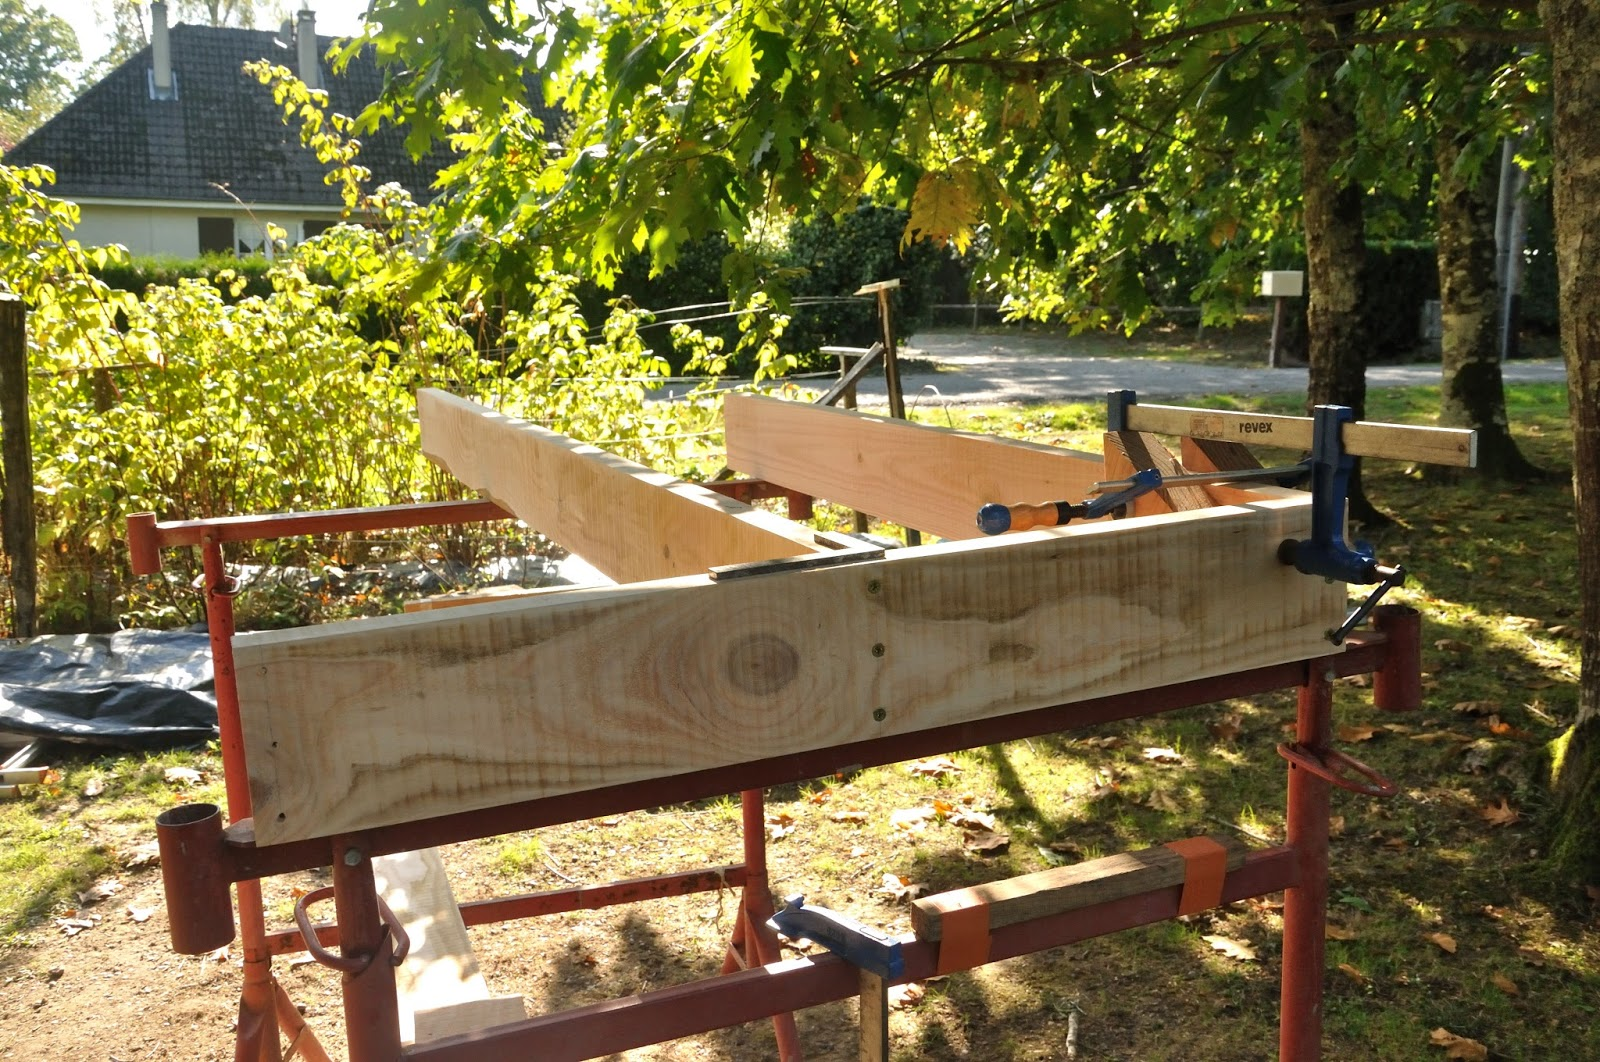 montage structure plancher cabane 1 sketchup la cabane de prout et nonosse. Black Bedroom Furniture Sets. Home Design Ideas